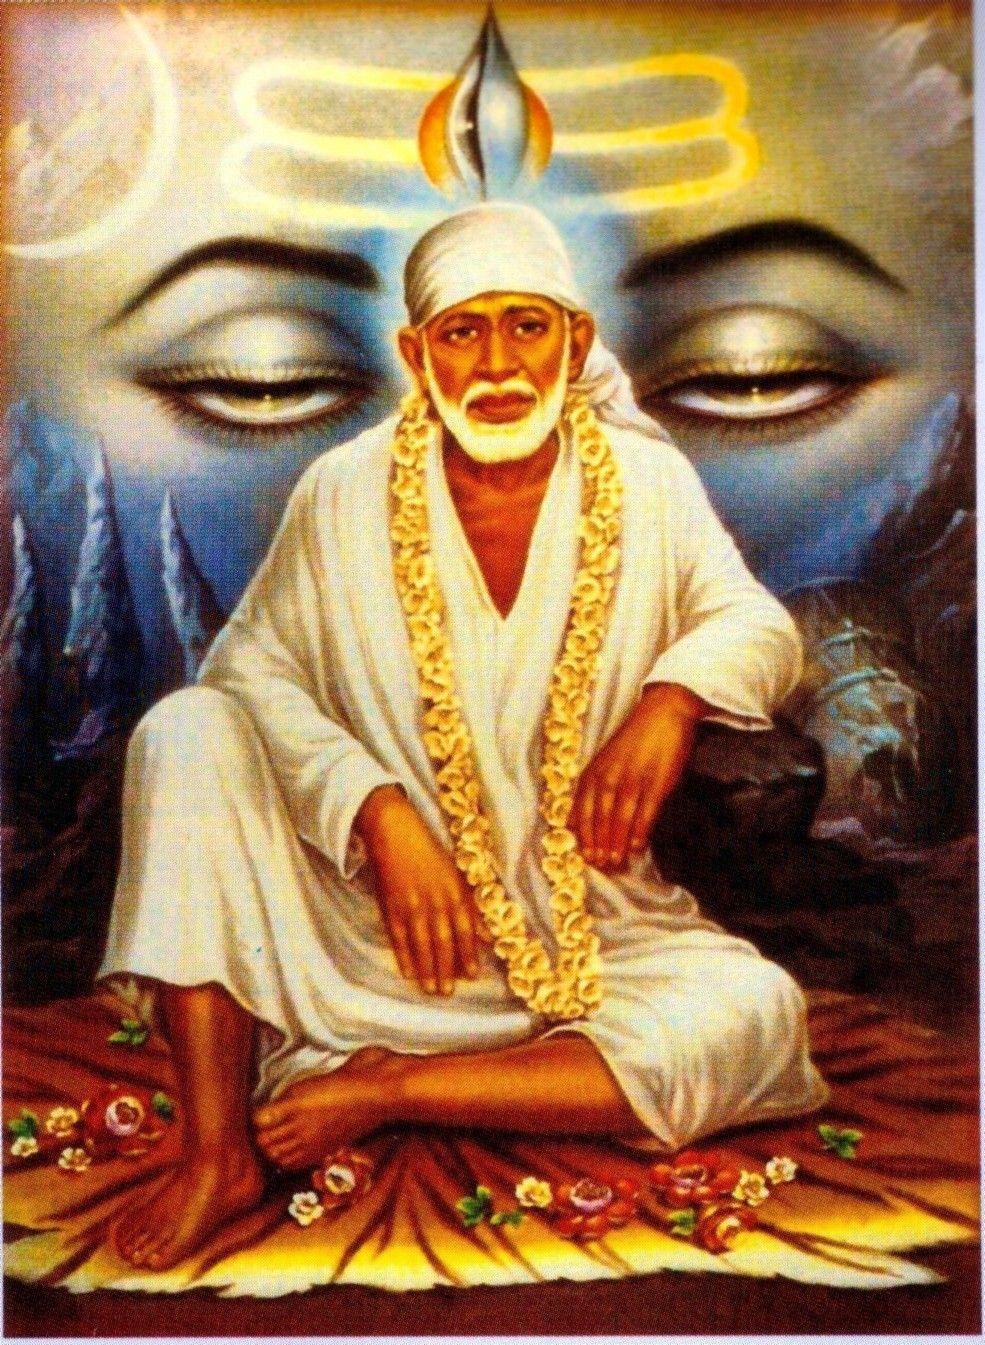 Shirdi Sai Baba Hd Photos Wallpapers 1080p 496 Shirdisaibaba Baba God Hindu Sai Baba Wallpapers Sai Baba Hd Wallpaper Sai Baba Photos